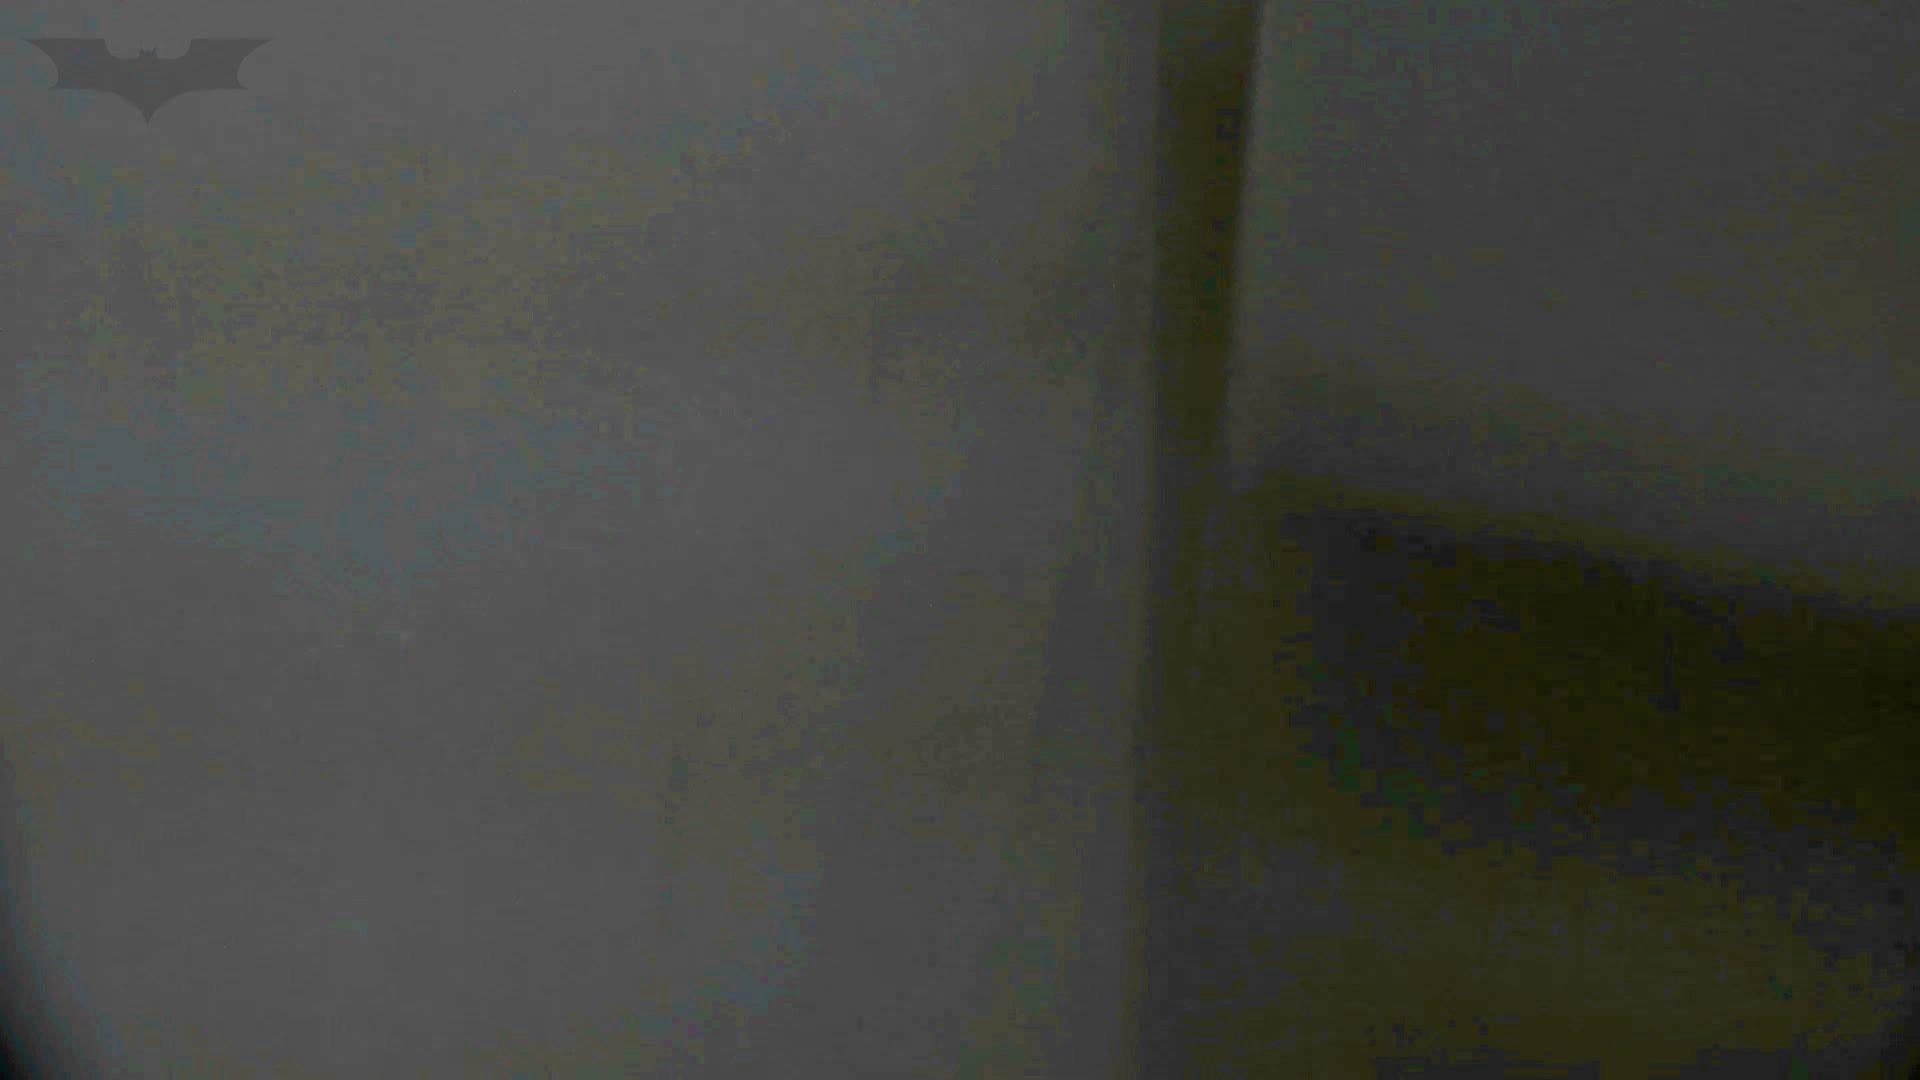 洗面所特攻隊 vol.74 last 2総勢16名激撮【2015・29位】 洗面所 | エッチすぎるOL達  105連発 79